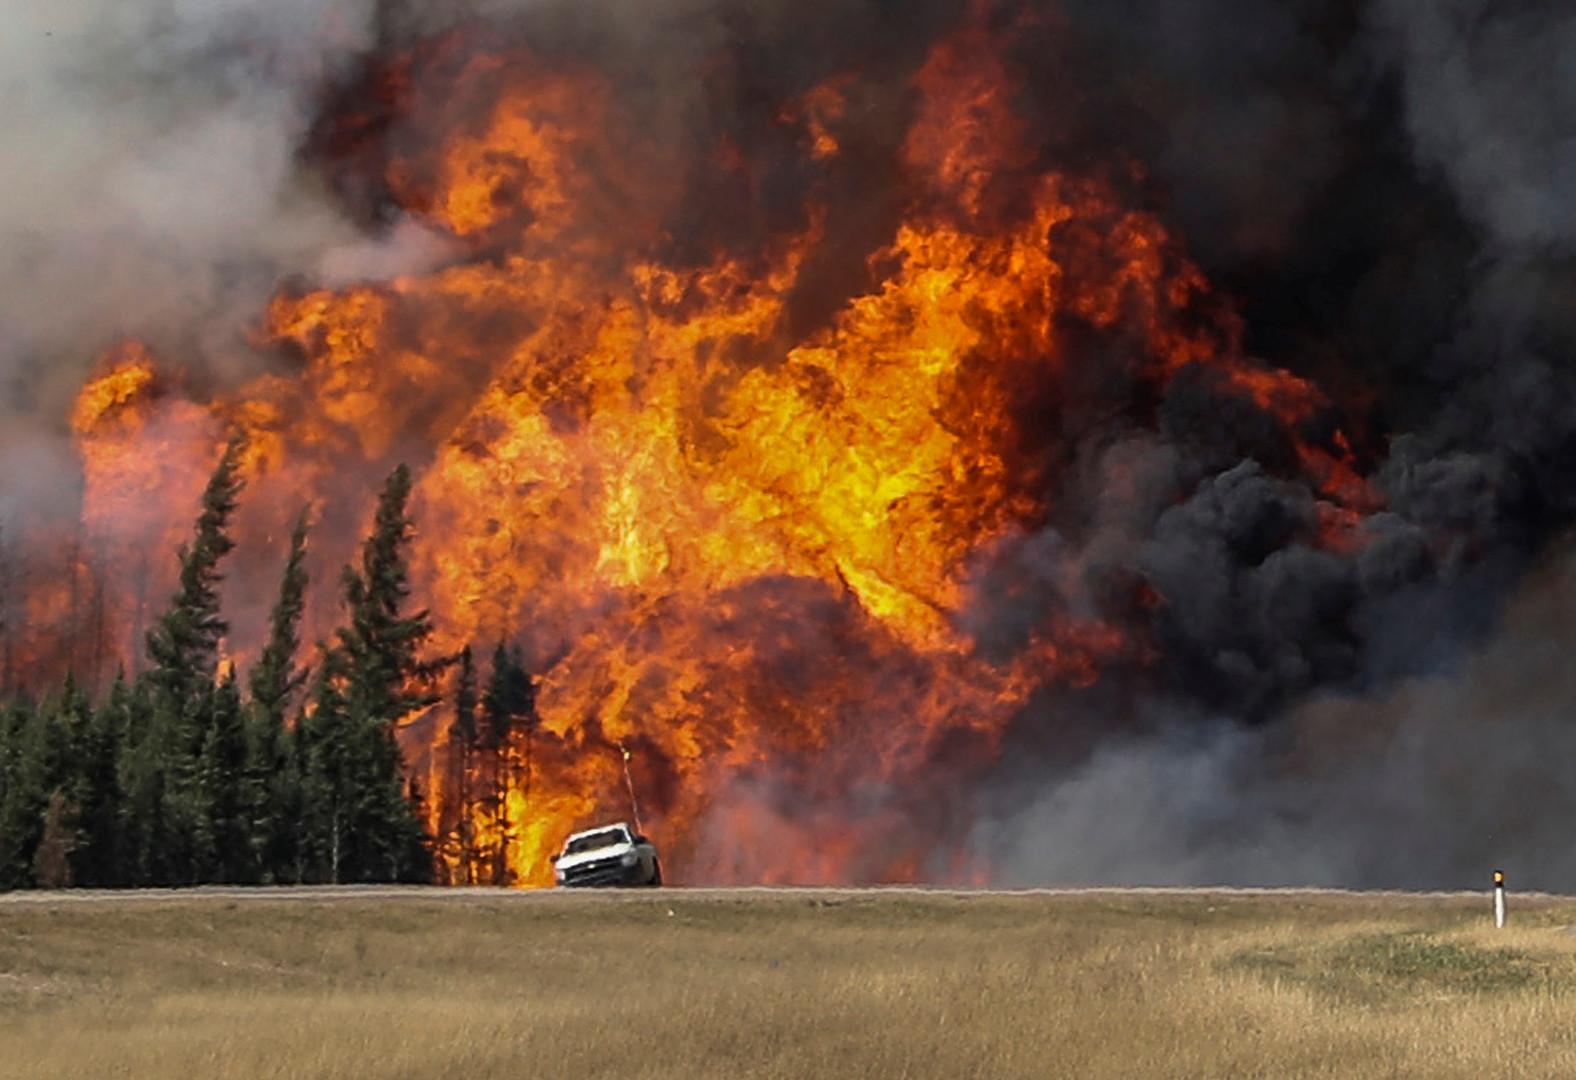 Incendies au Canada : Trudeau refuse l'aide de la Russie mais accepte celle de l'Afrique du Sud